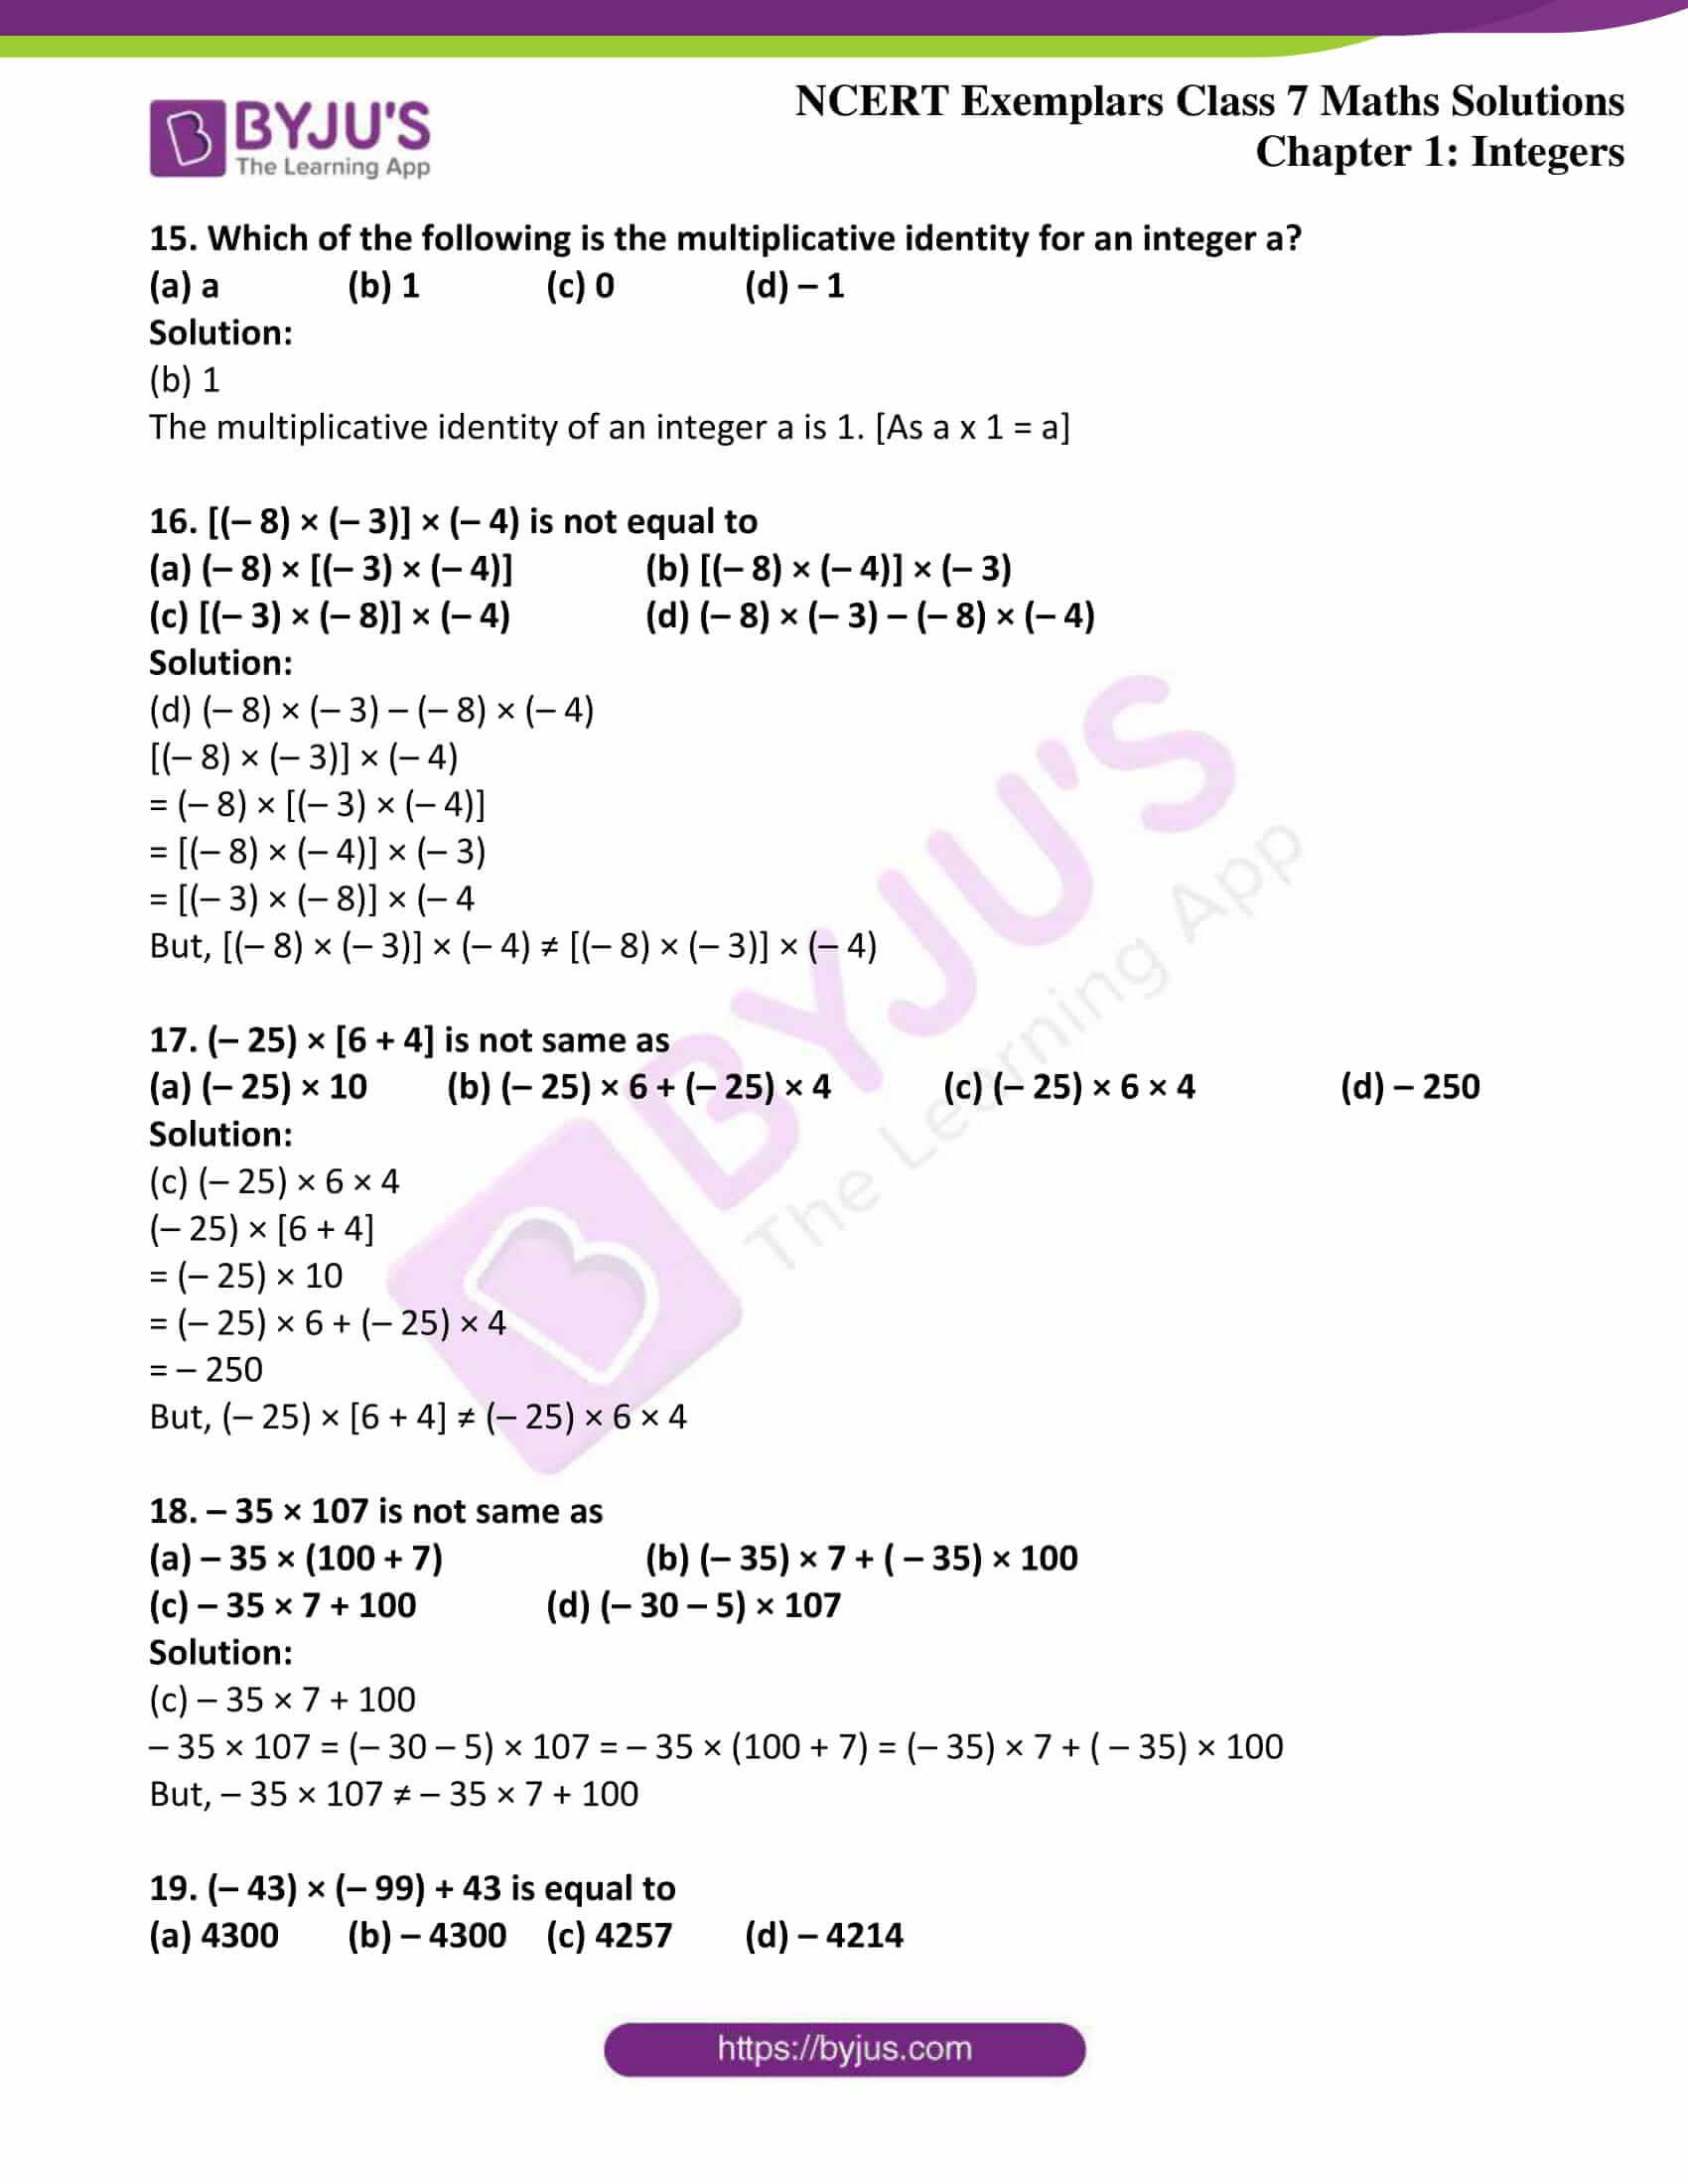 ncert exemplar class 7 maths solutions chapter 1 integers 05